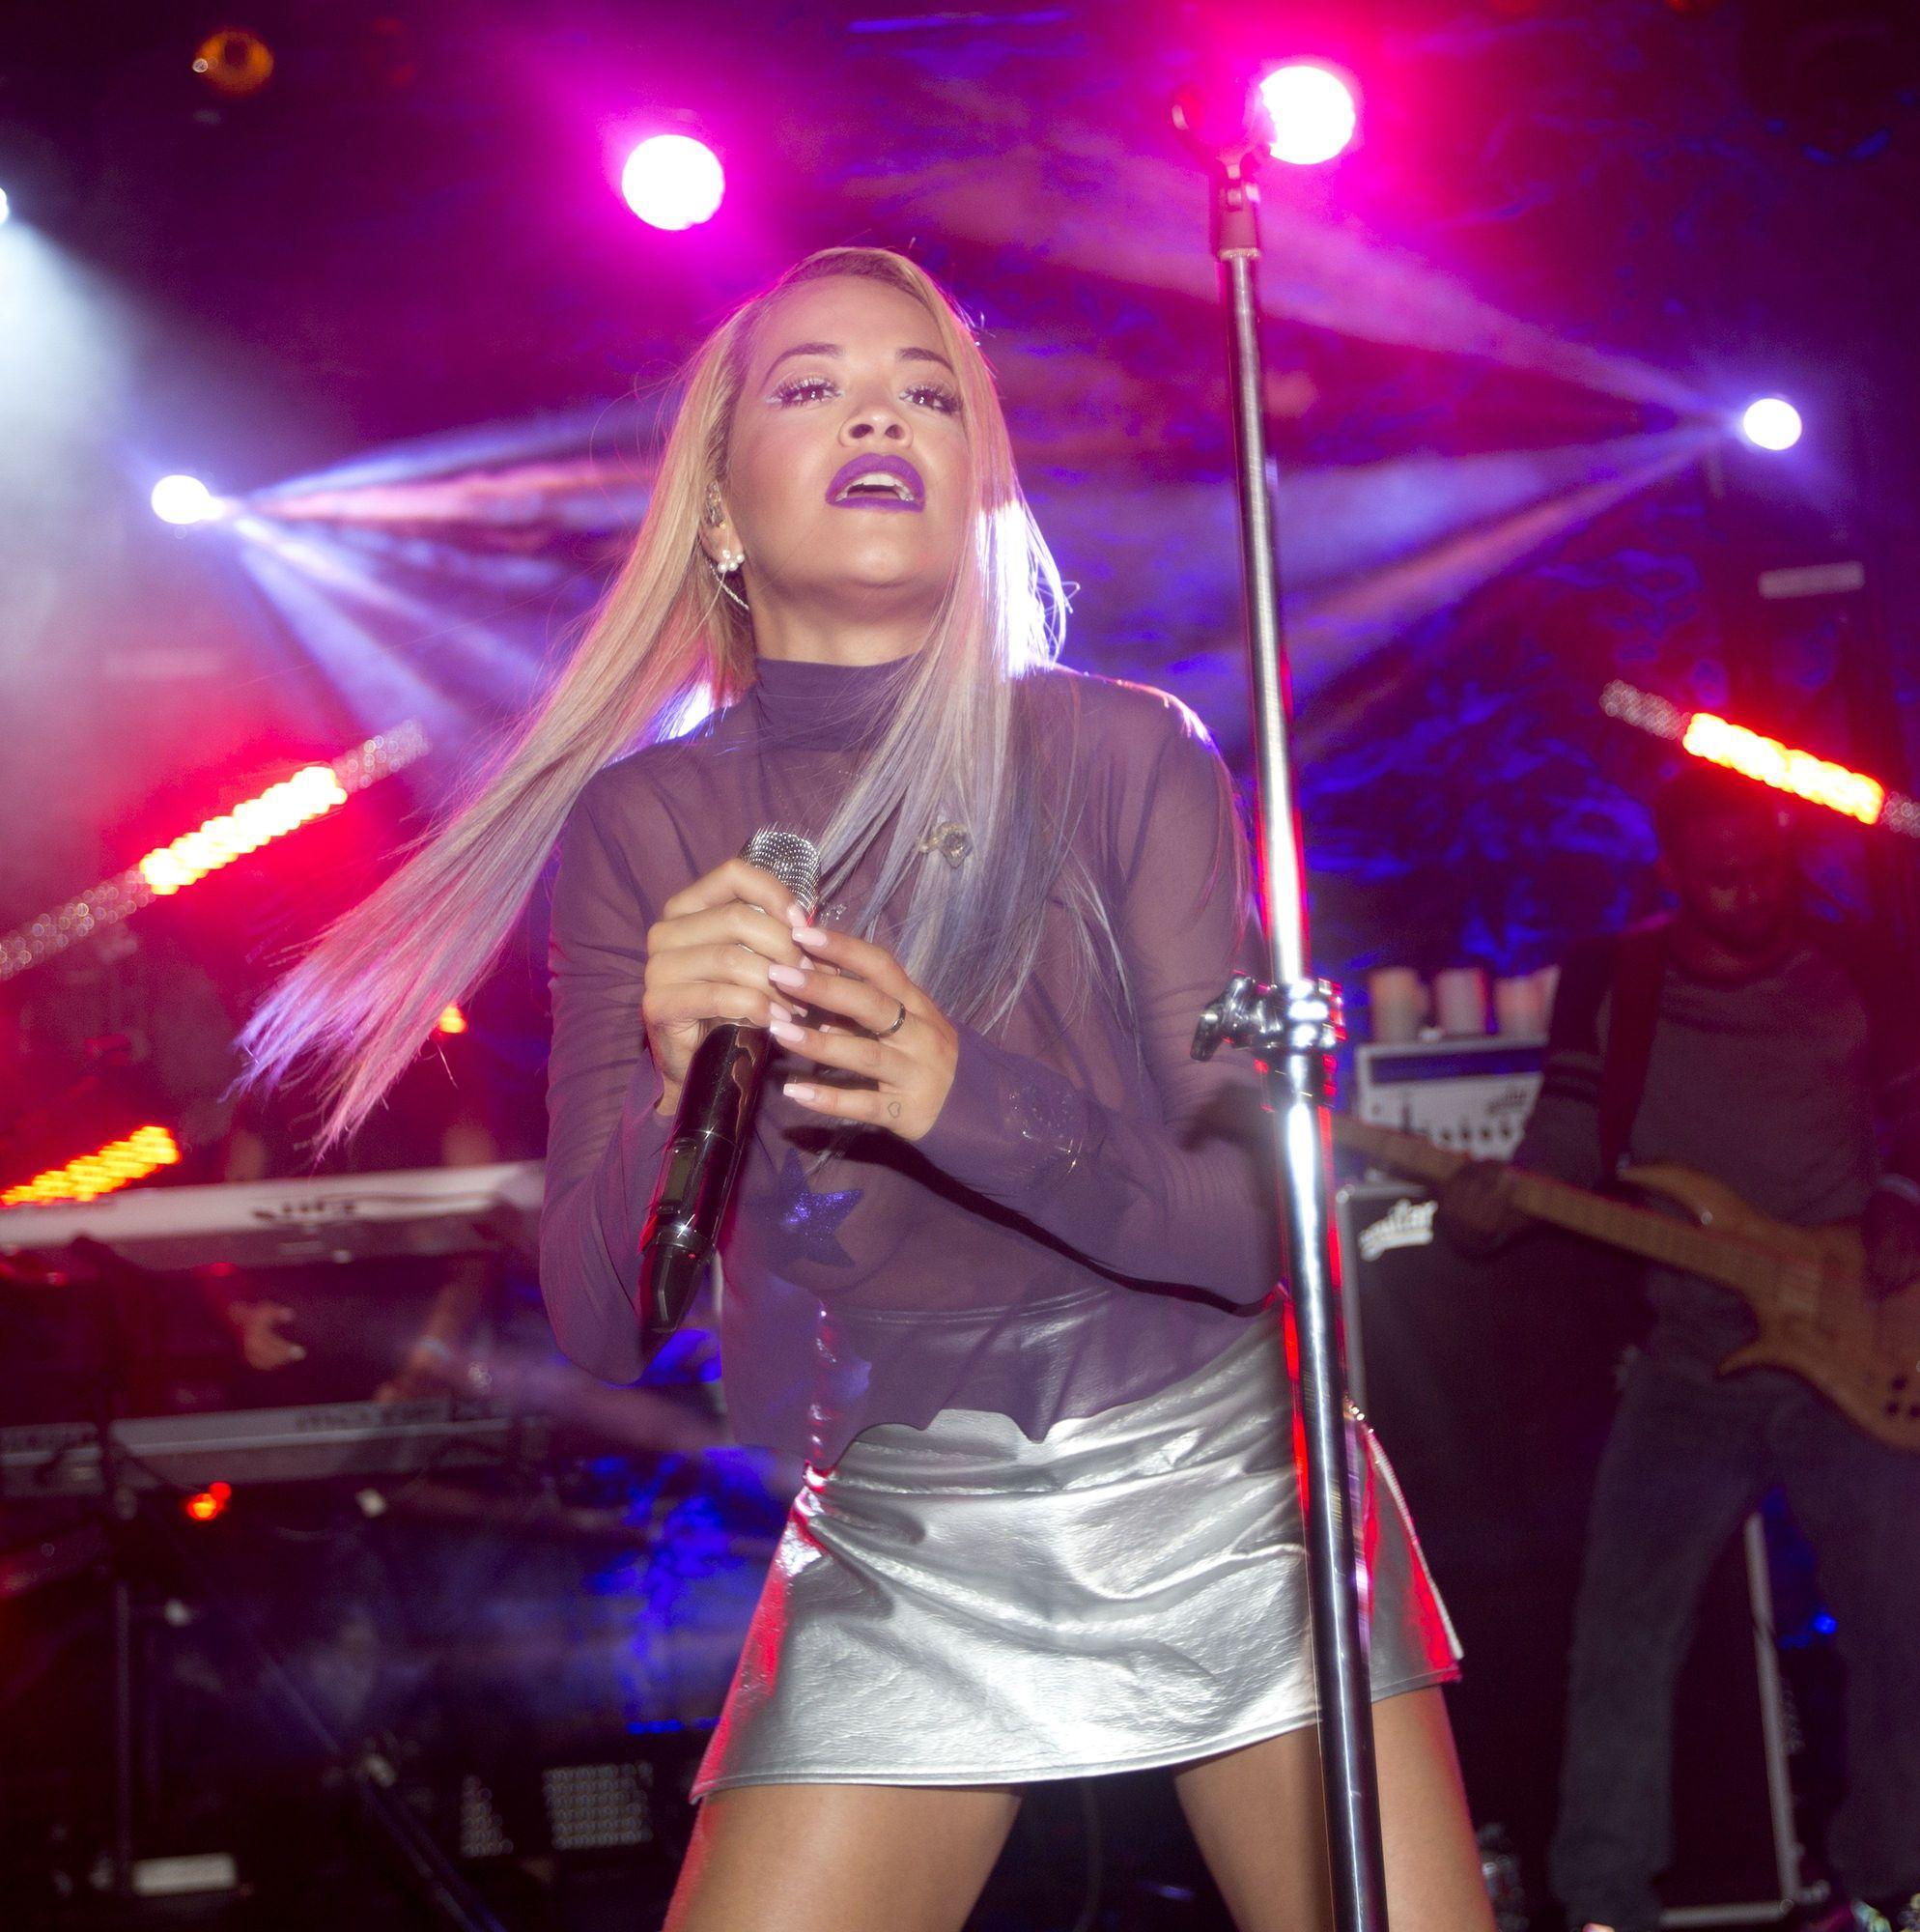 Rita Ora See Through (228 Photos)